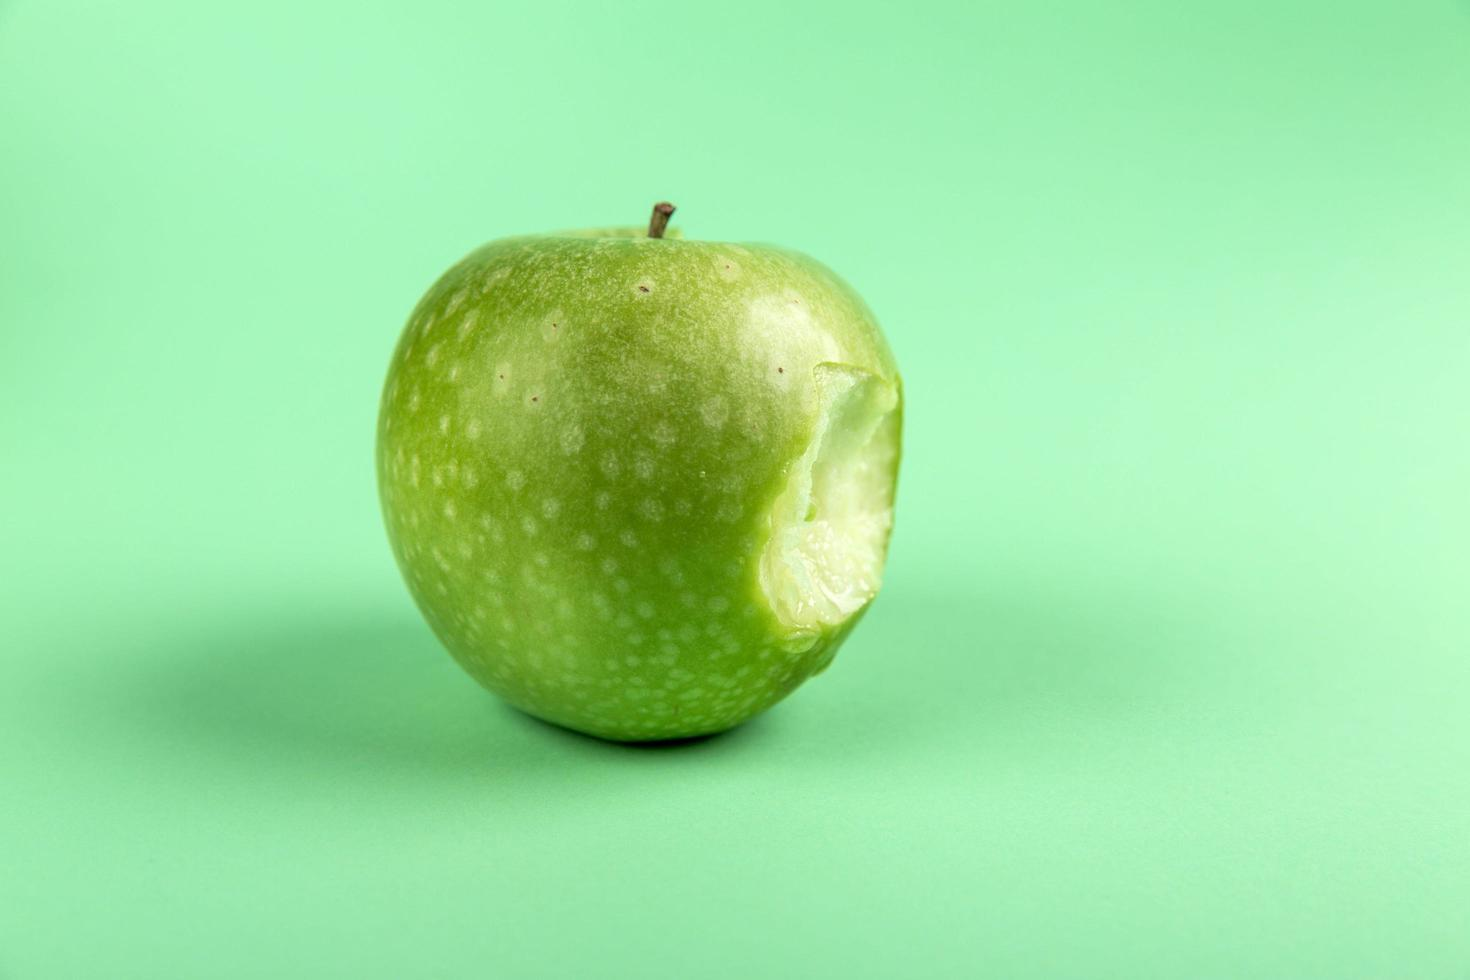 granny smith apple med bett foto